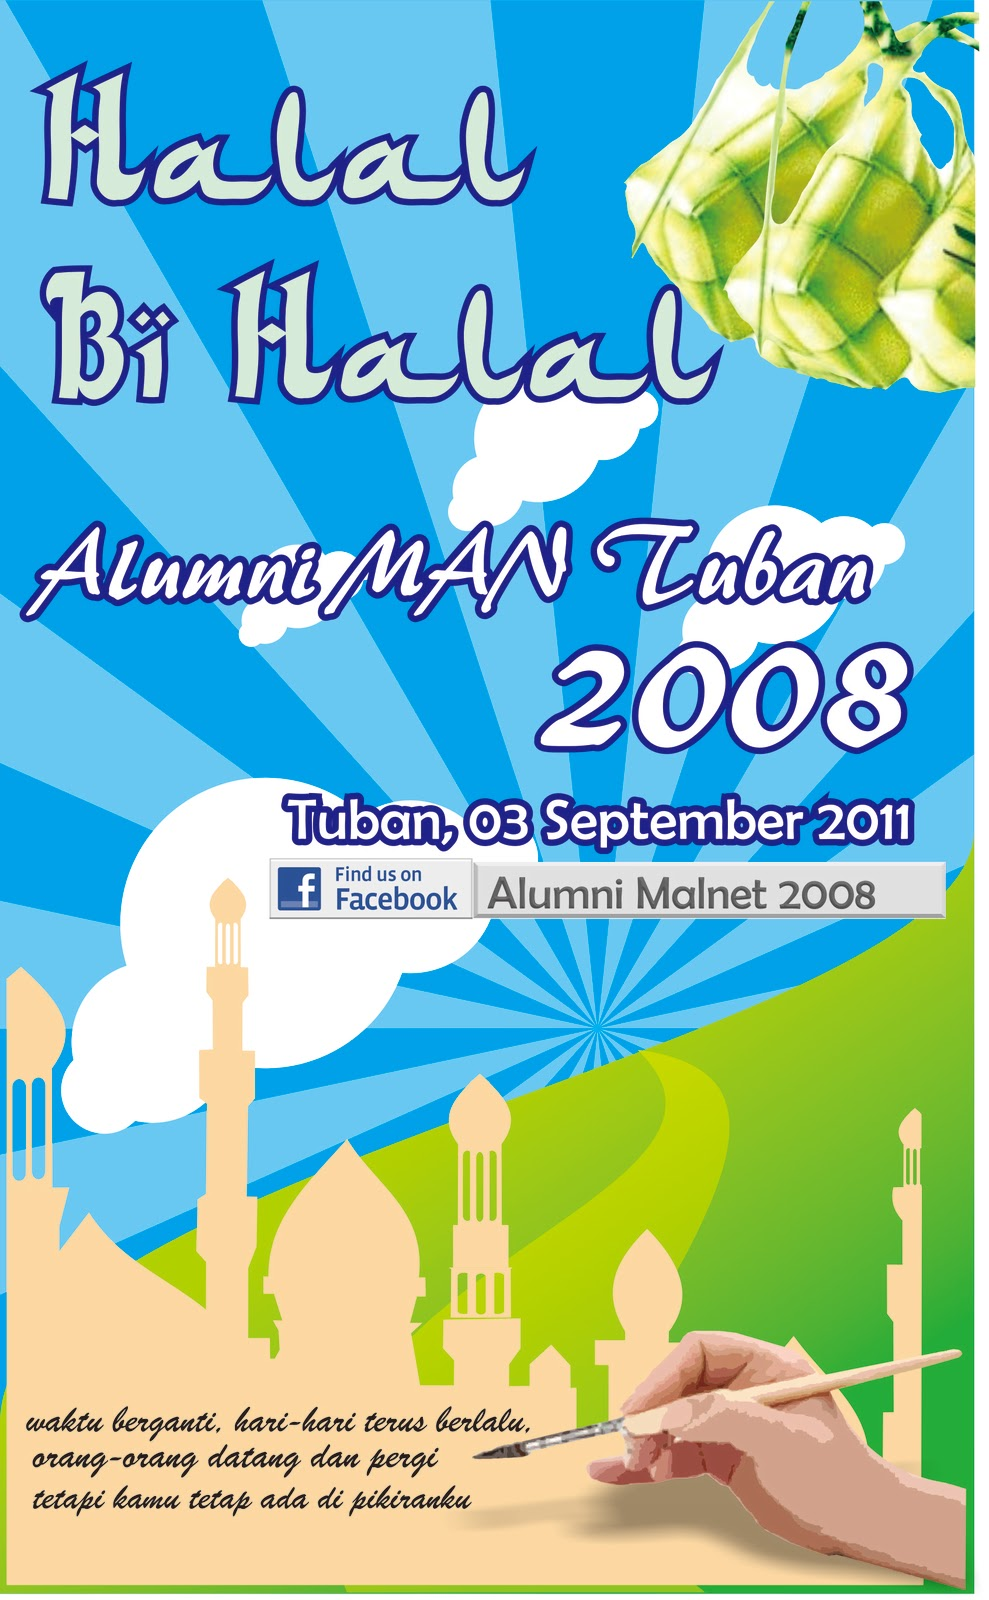 Desain Stiker Halal Bihalal Matakarna